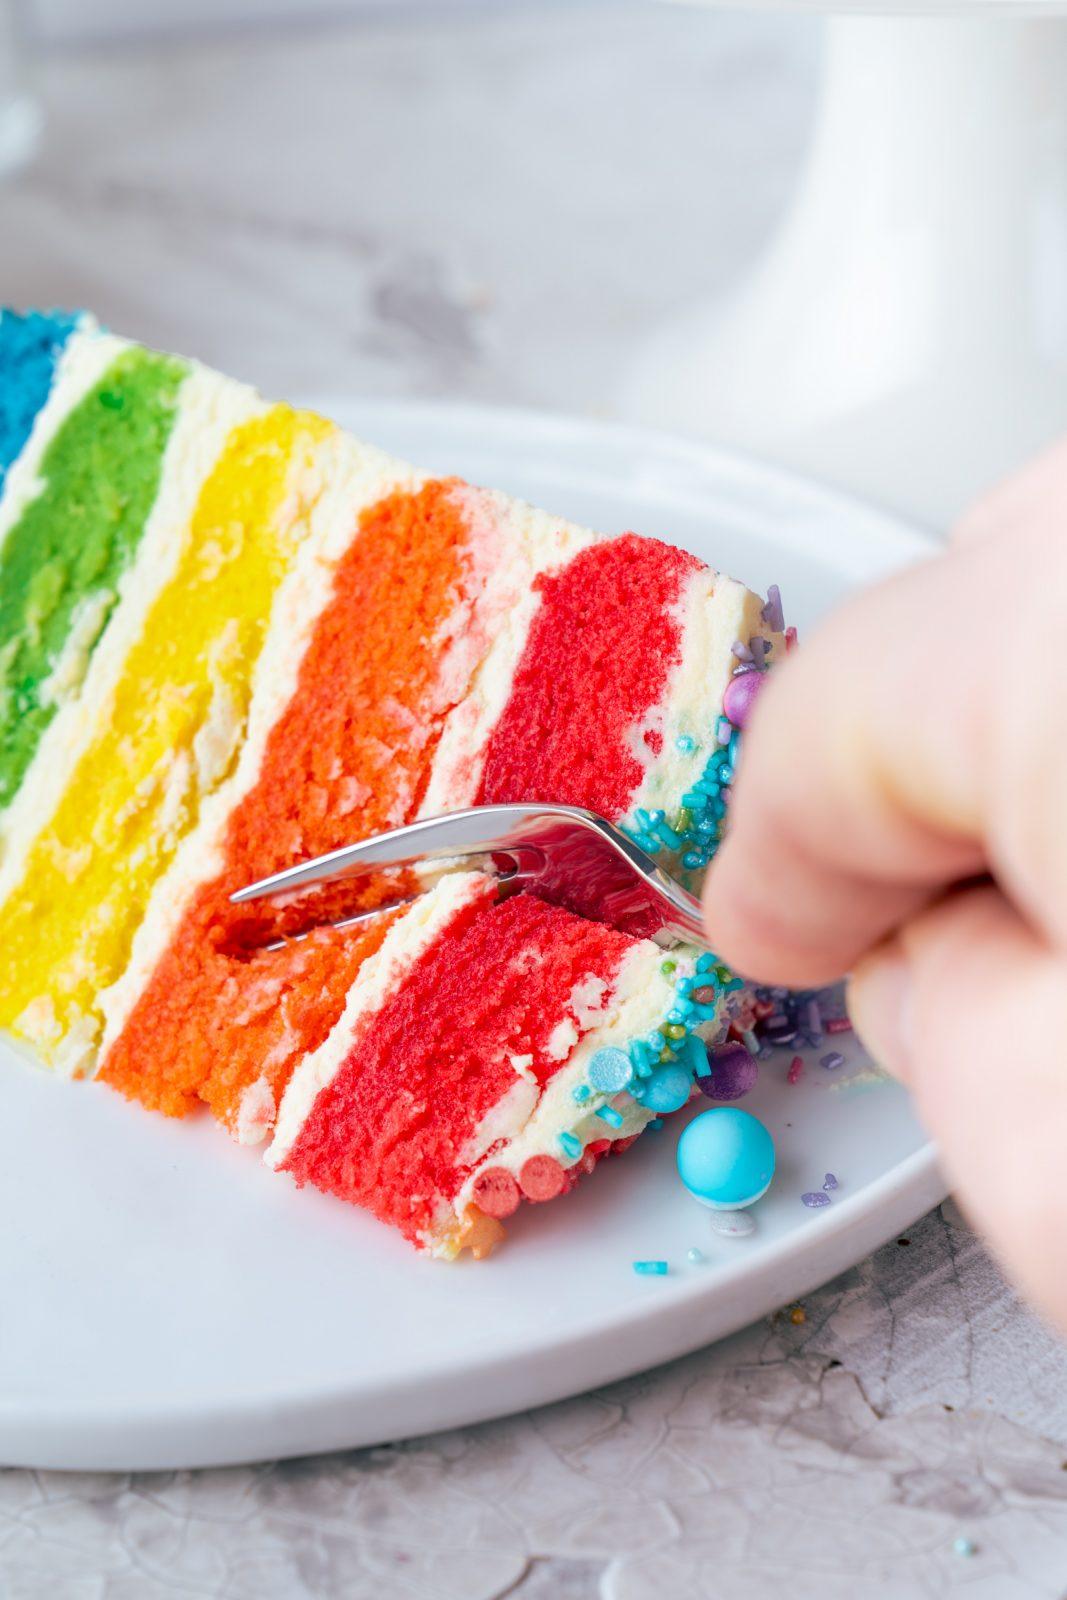 Regenbogen Torte 48 | Born this way! Heute wird es bunt und das ist gut so. Der Juni ist der alljährliche Pride-Monat und 2021 hat unsere Regenbogen-Torte ein Makeover defintiv verdient, denn ihr seid schon seit 2017 ganz verrückt nach diesem absoluten Leckerbissen! Aber was hat es mit der Regenbogenflagge eigentlich genau auf sich? Wir werden dem mal ein wenig auf den Grund gehen und dabei gibt es ein großes Stück Rainbow Cake.